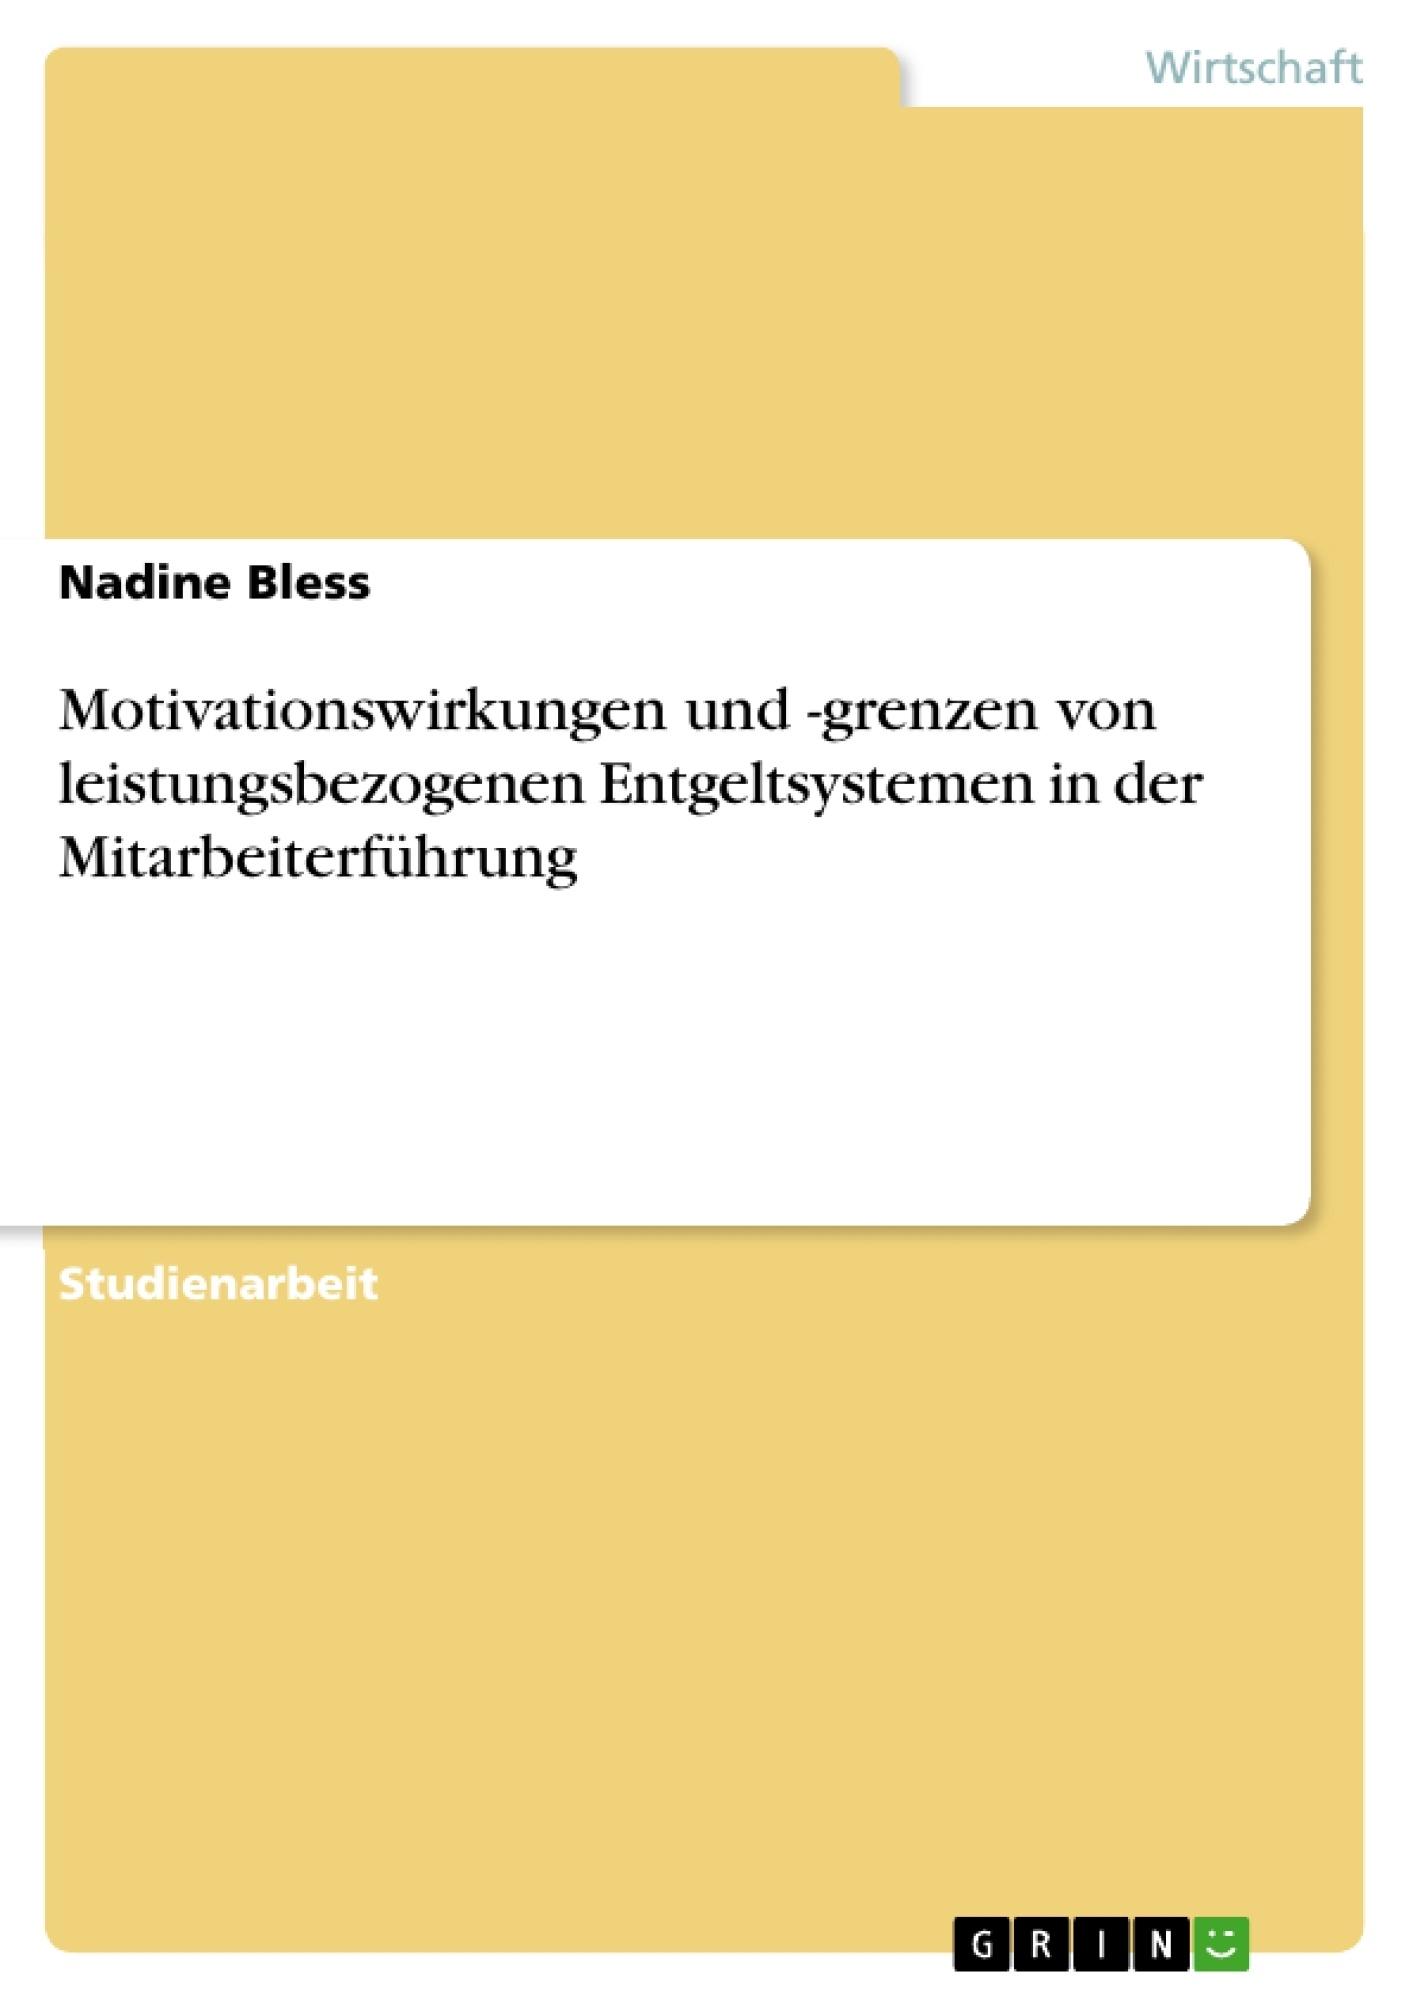 Titel: Motivationswirkungen und -grenzen von leistungsbezogenen Entgeltsystemen in der Mitarbeiterführung